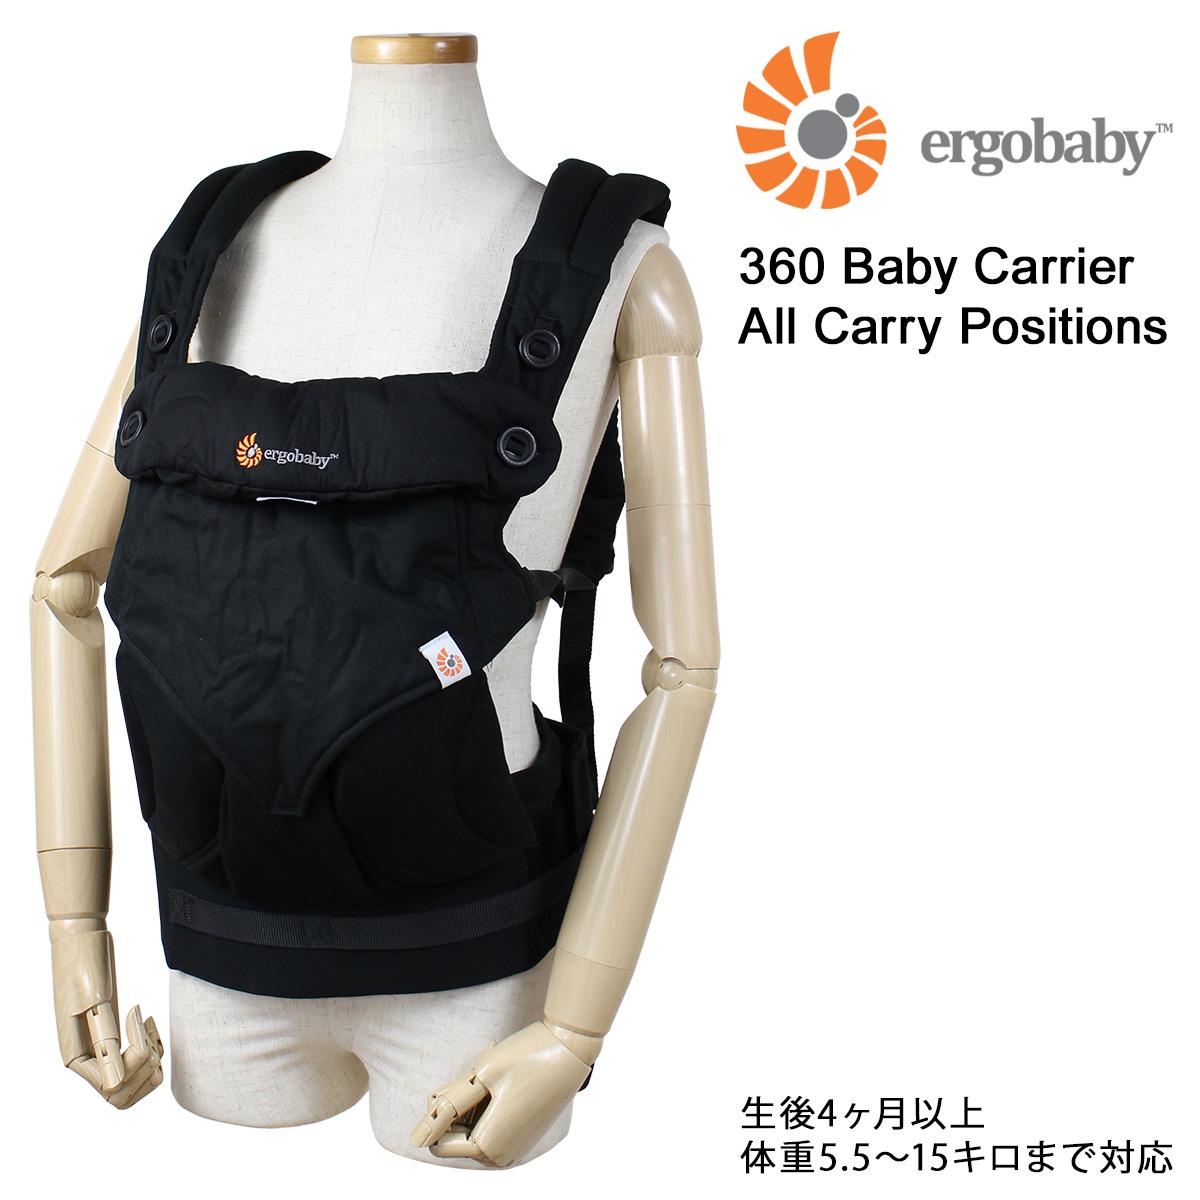 エルゴ 抱っこ紐 エルゴベビー ERGOBABY 360 ベビーキャリア BABY CARRIER ALL CARRY POSITIONS ブラック